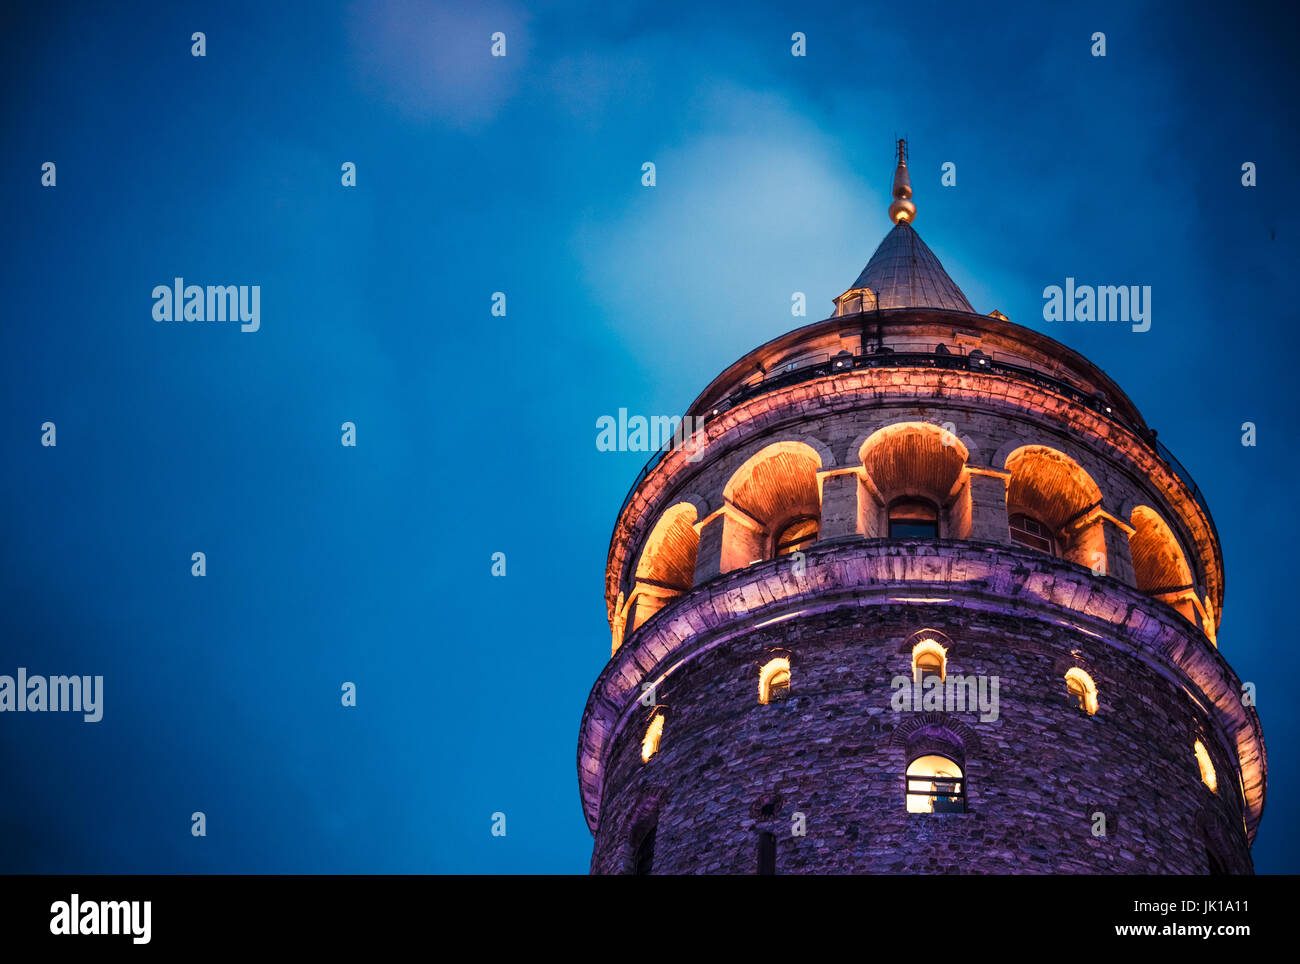 Vista nocturna de la Torre Galata(Turco: Galata Kulesi) (Galata) Kulesih Christea Turris es un famoso monumento Imagen De Stock